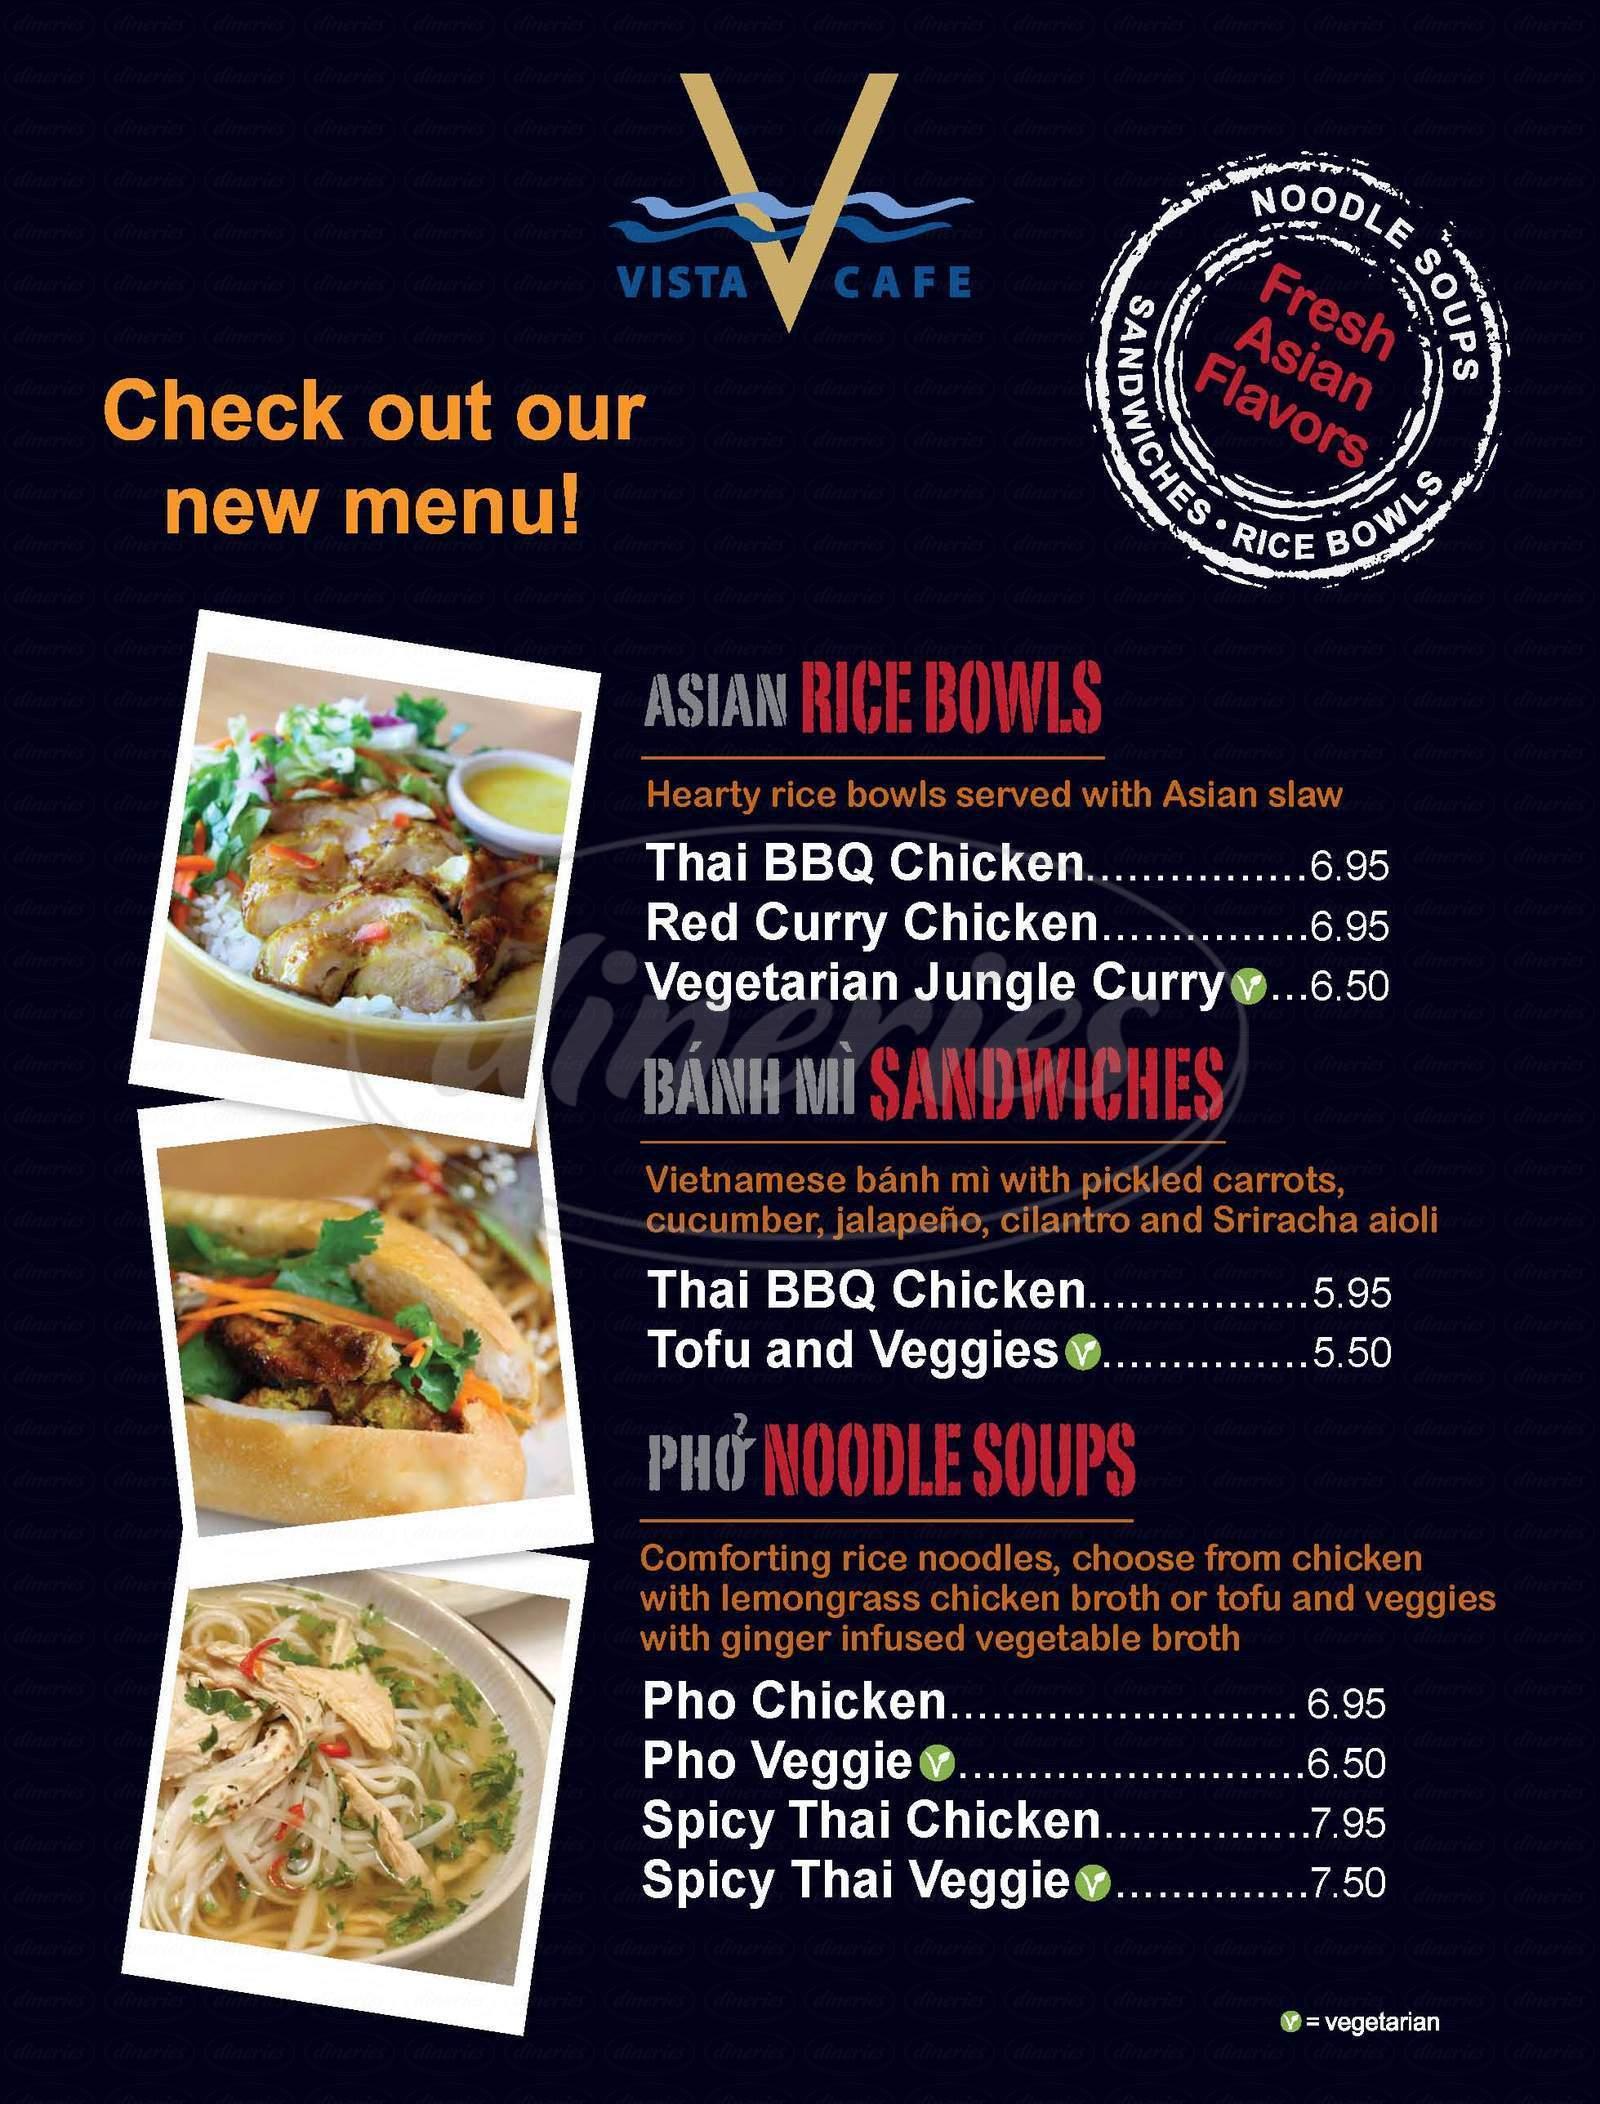 menu for Vista Cafe